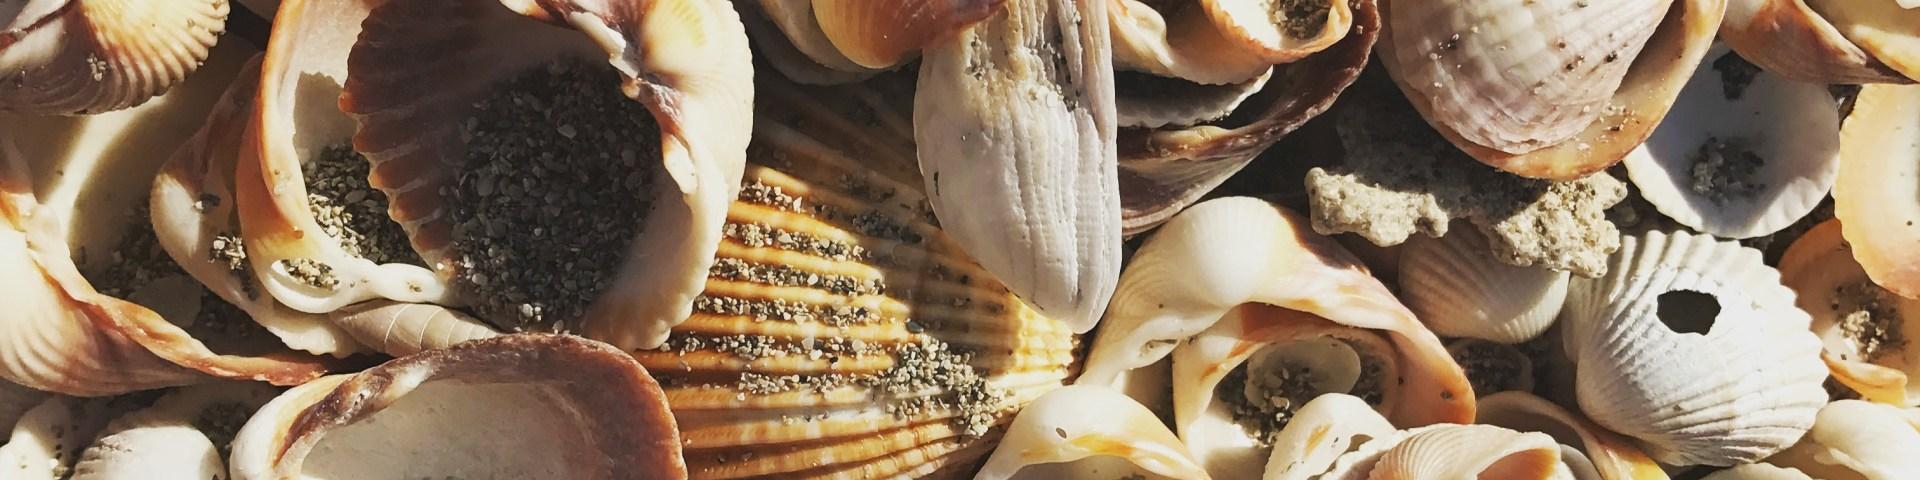 Muscheln-suchen am Strand von Apulien... eine schöne Beschäftigung für die Kleinen am Strand